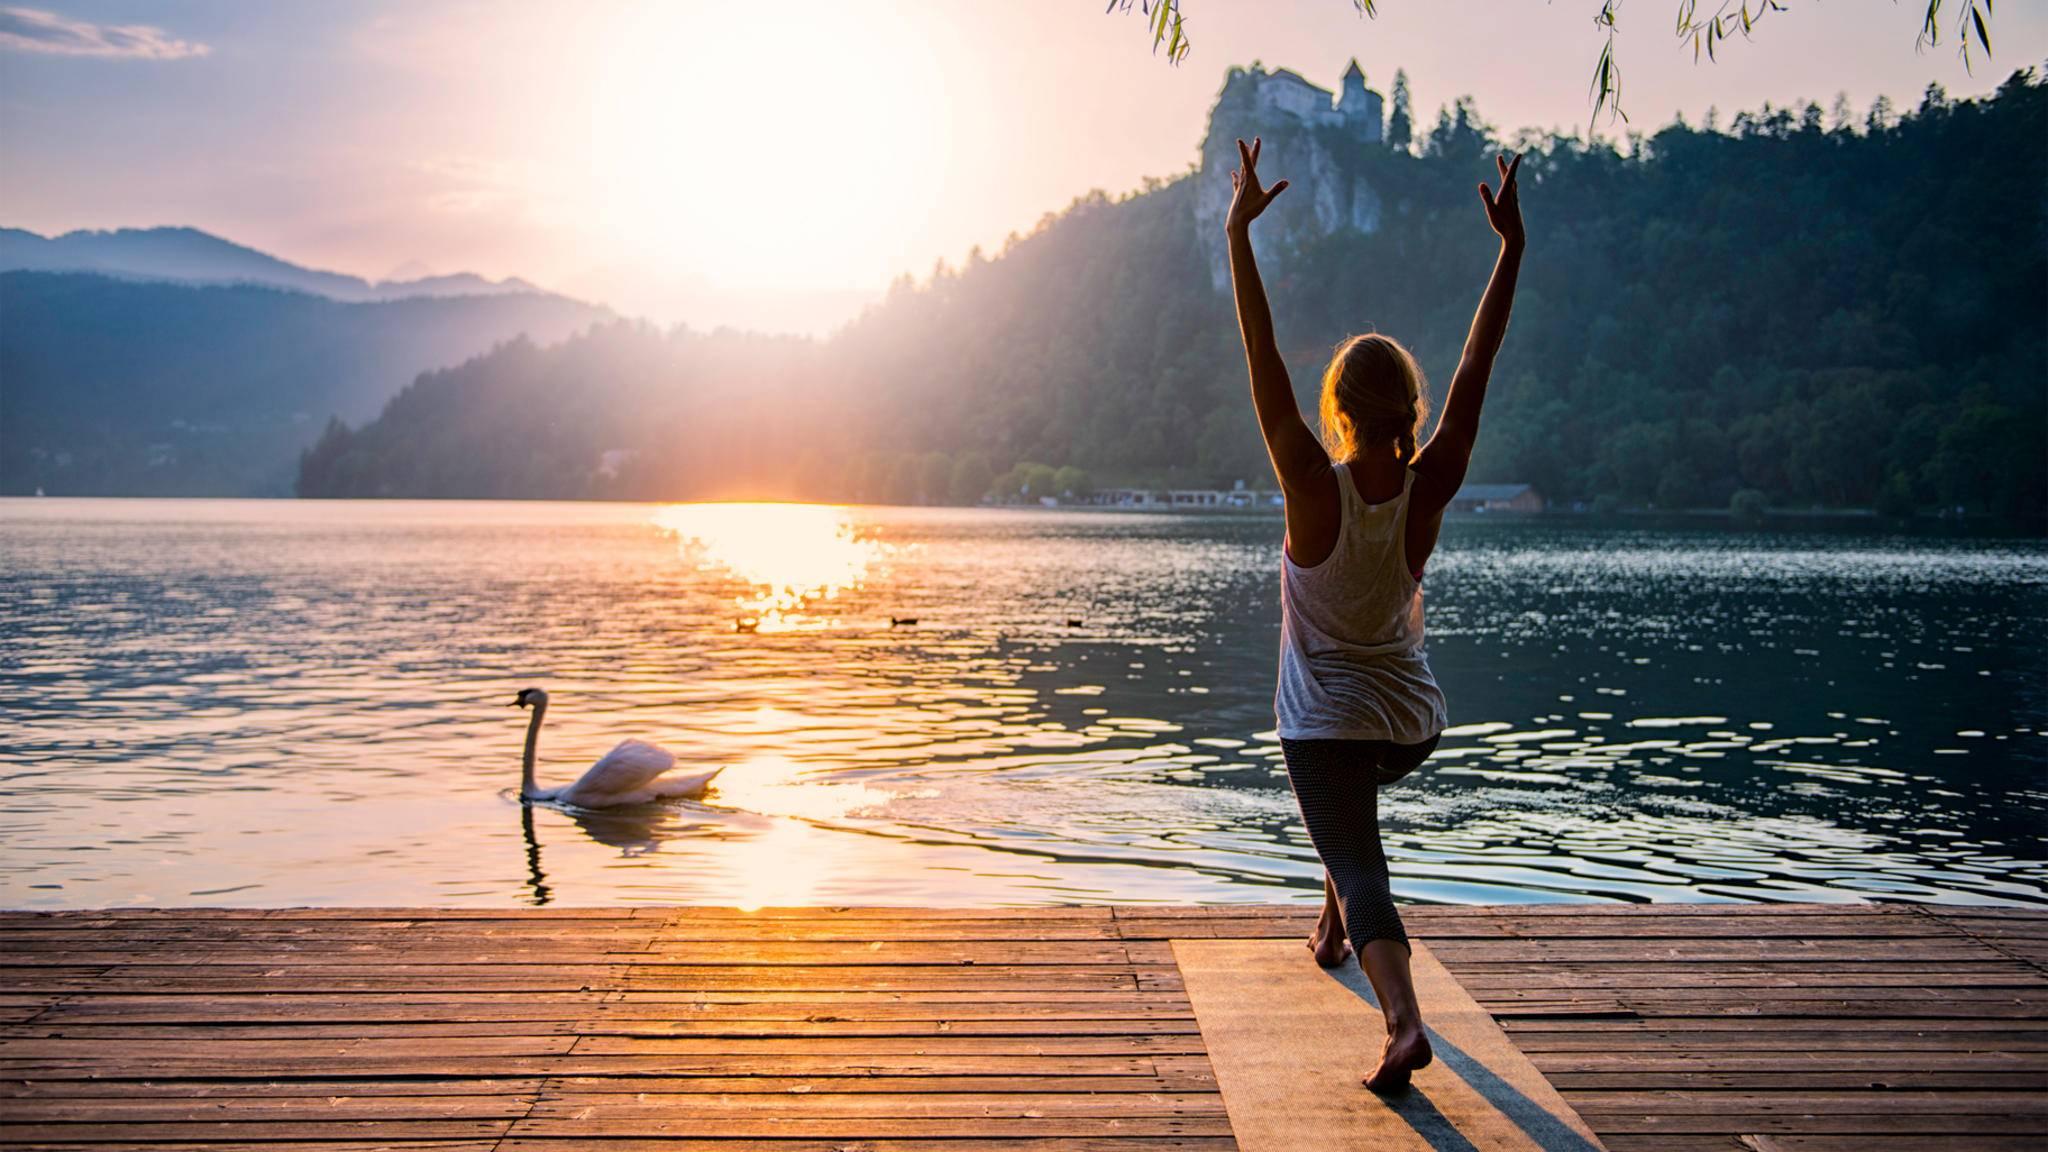 Mit dem Yoga-Sonnegruß wird die Ehrfurcht vor der Sonne ausgedrückt.